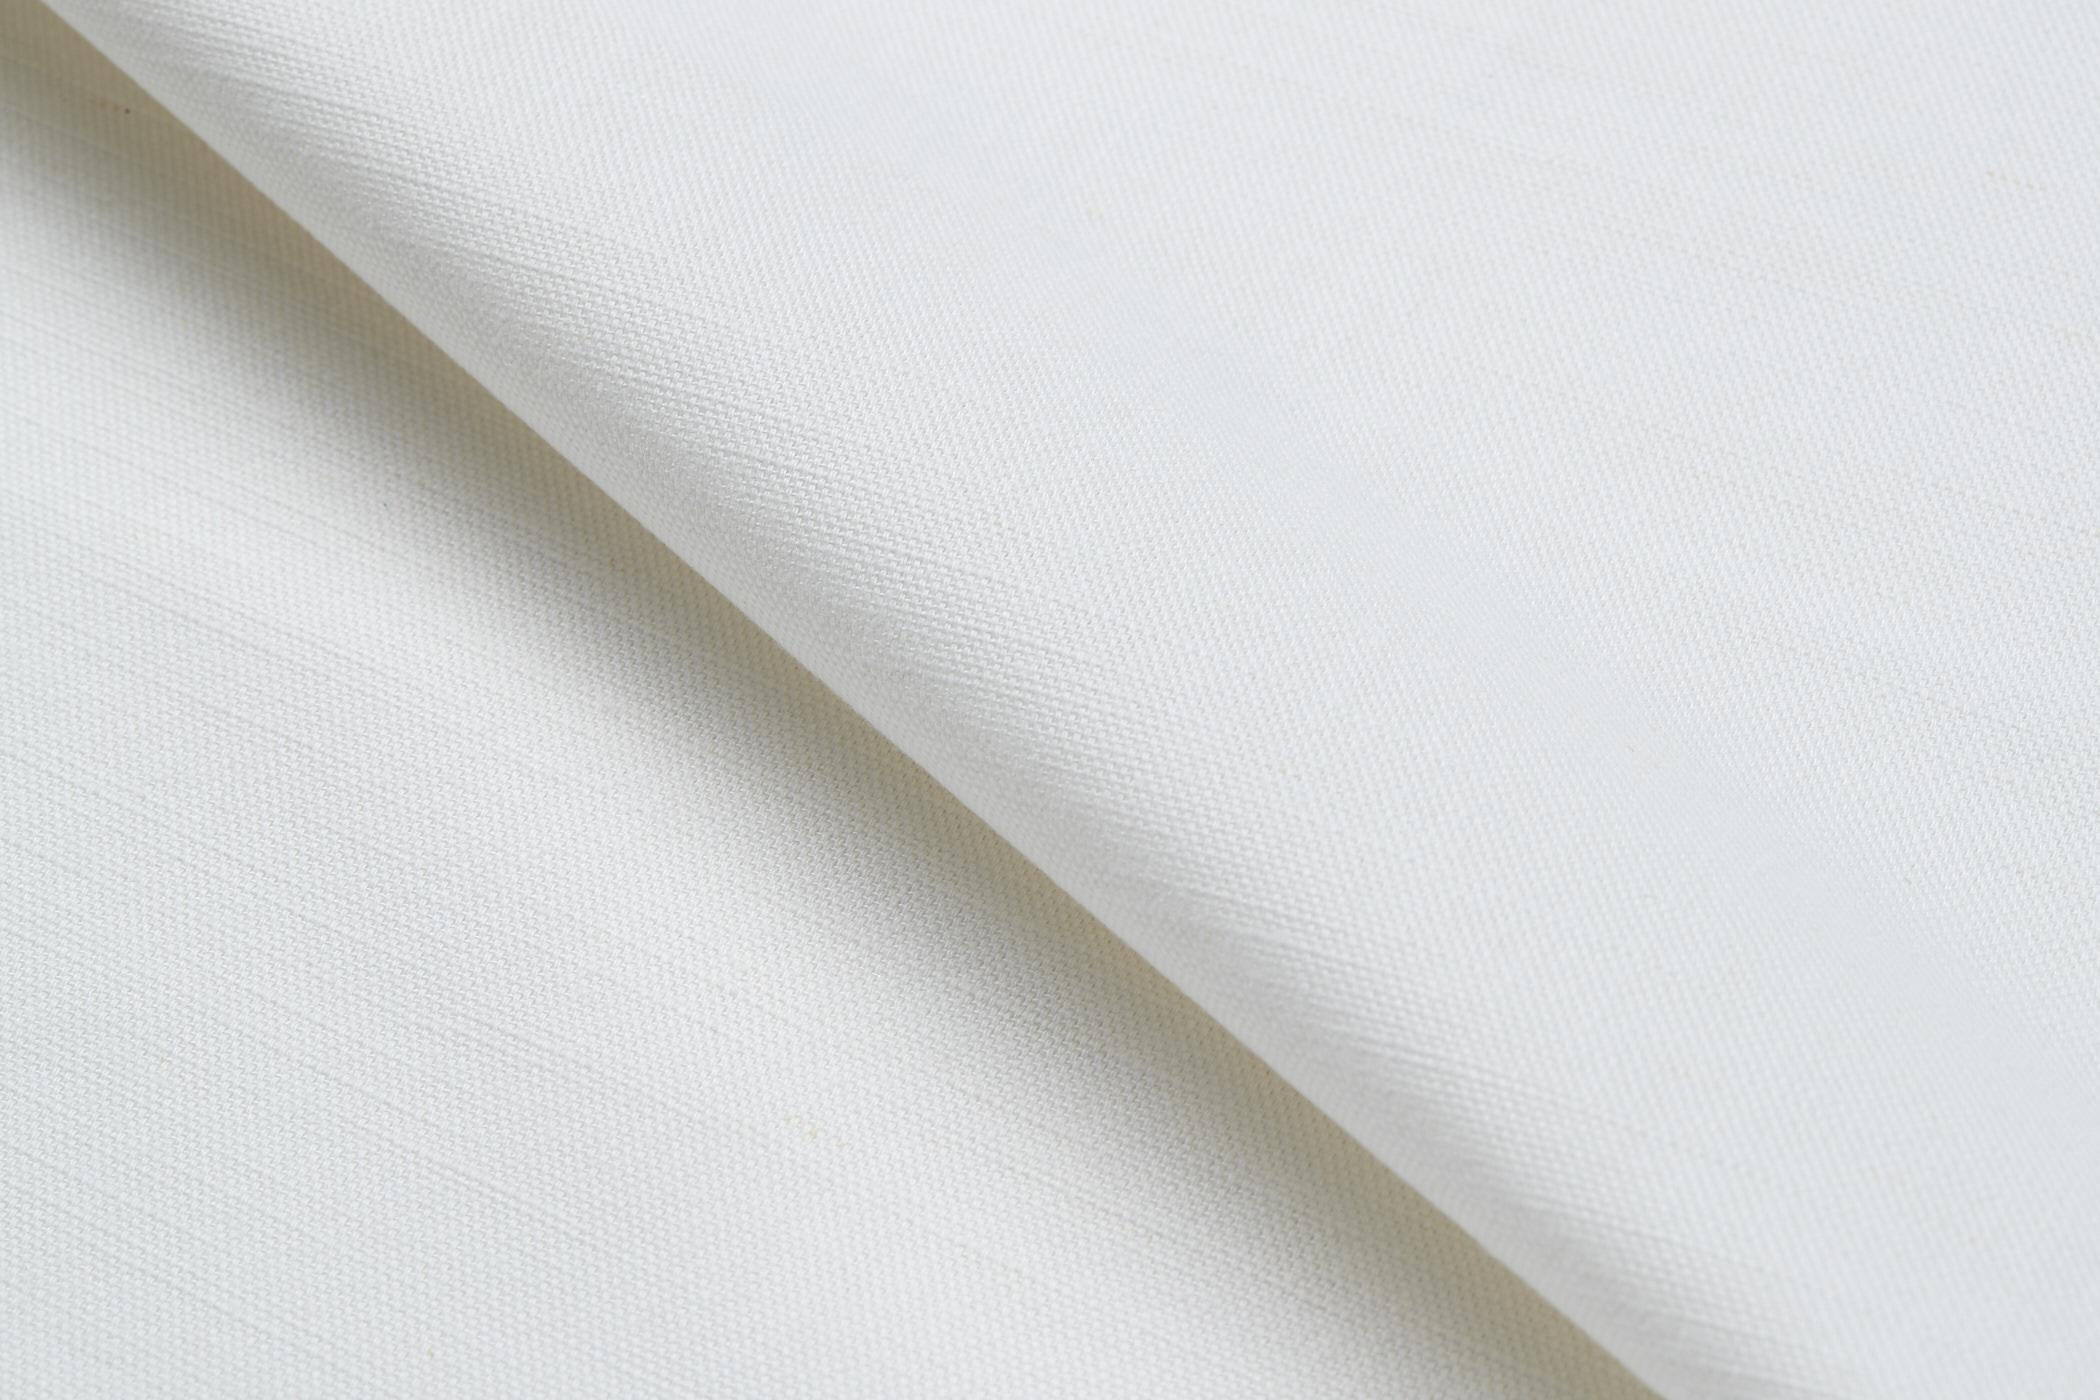 ede748e9554c 1845 Cotton Linen Nora - House of U